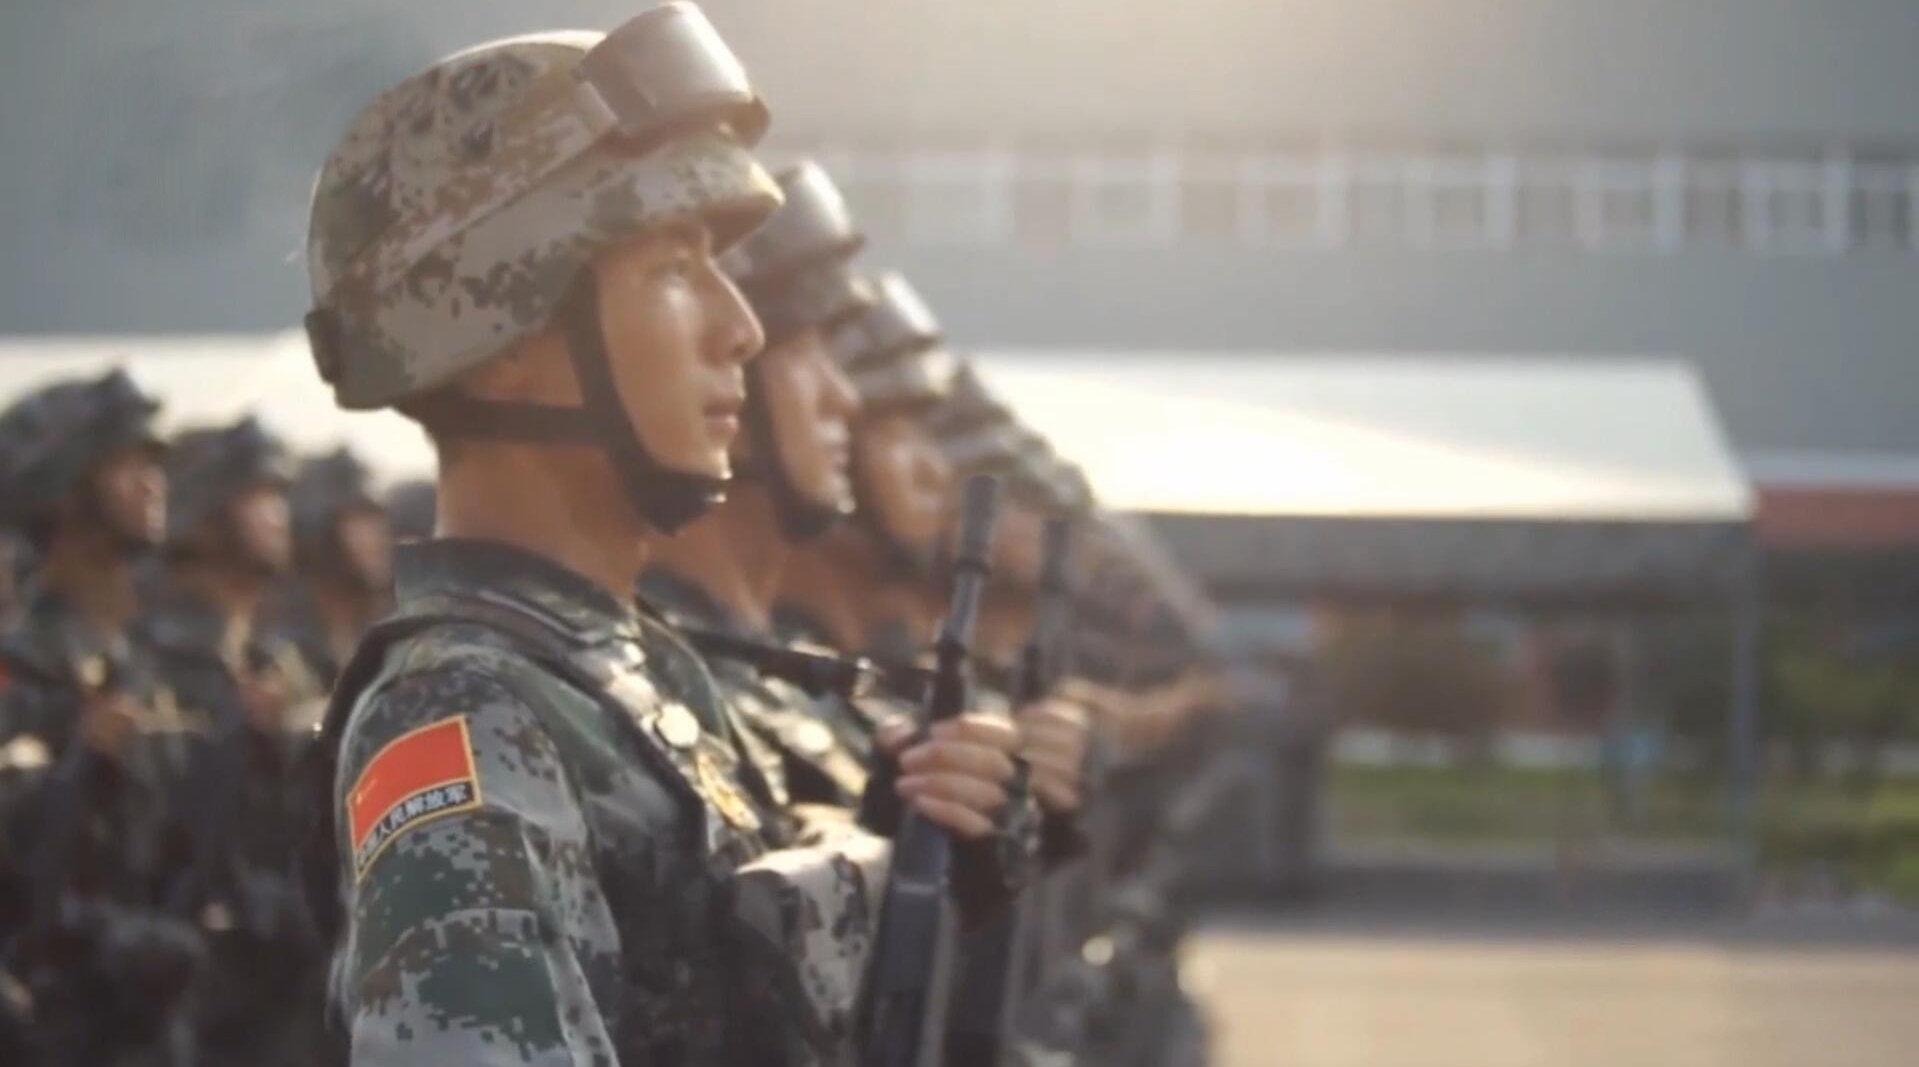 2015纪念抗战胜利70周年大阅兵,白刃格斗英雄连高燃宣传视频!